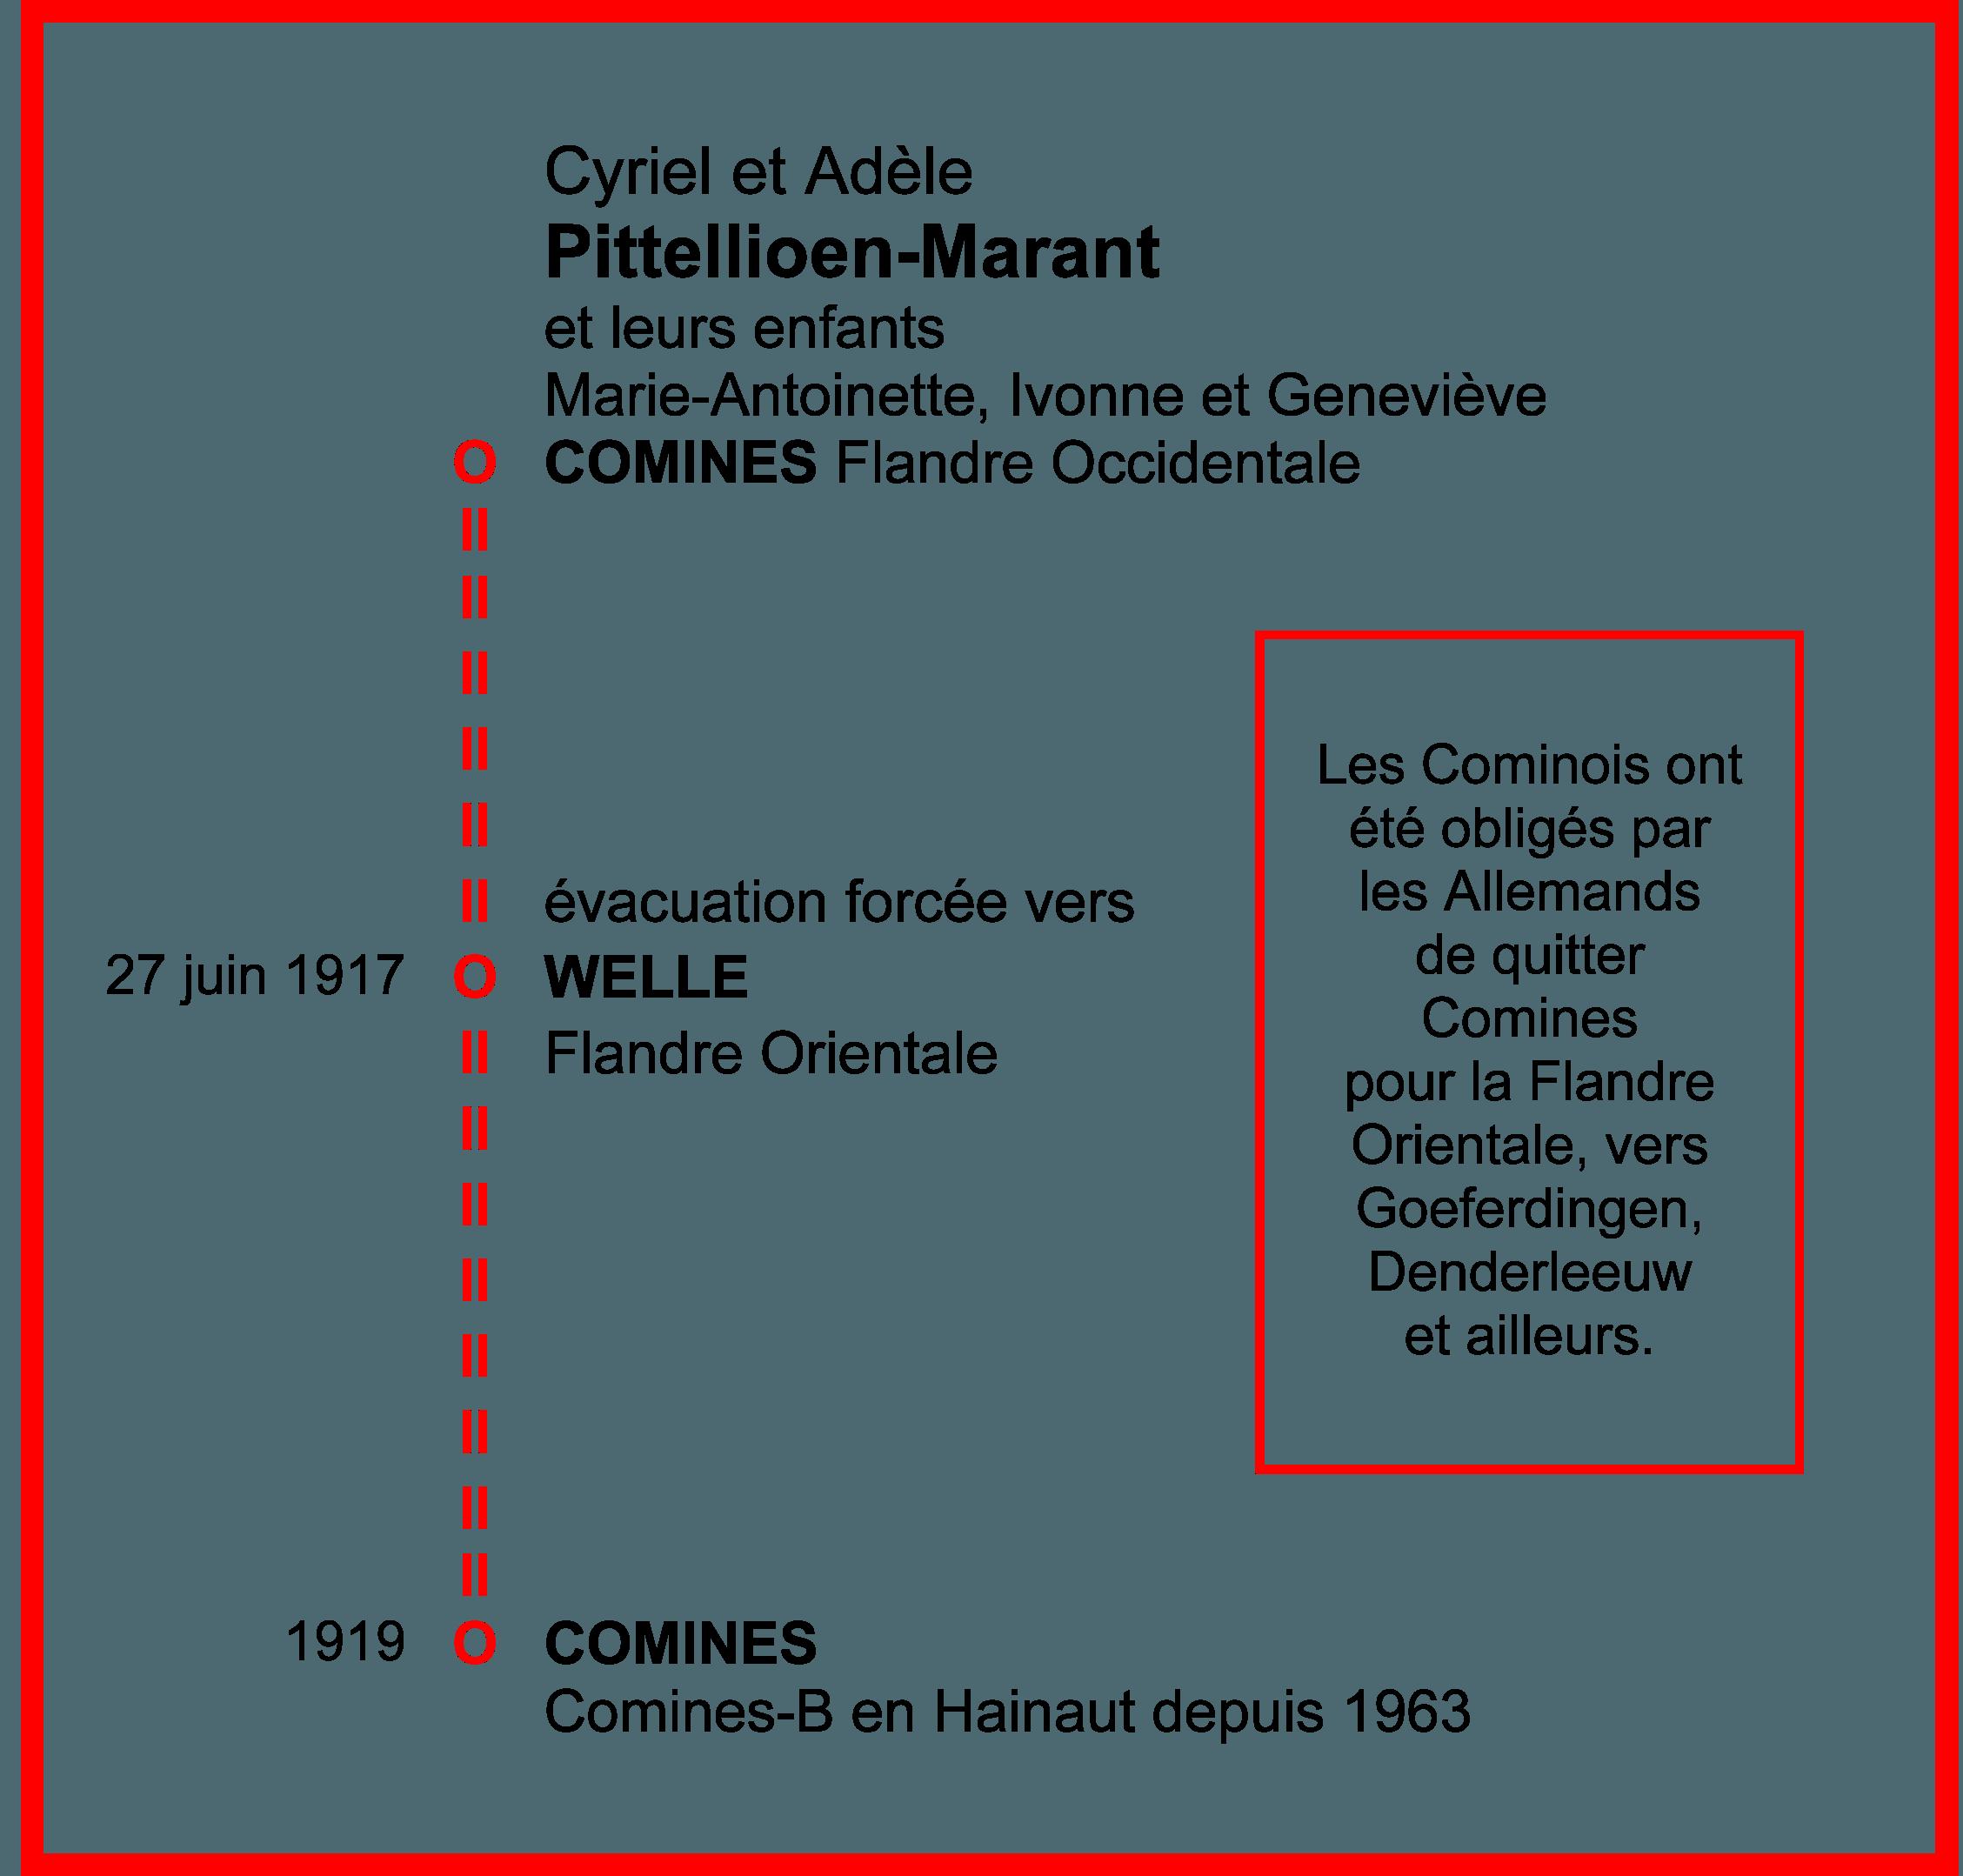 Circuit de fuite Pittellioen-Marant